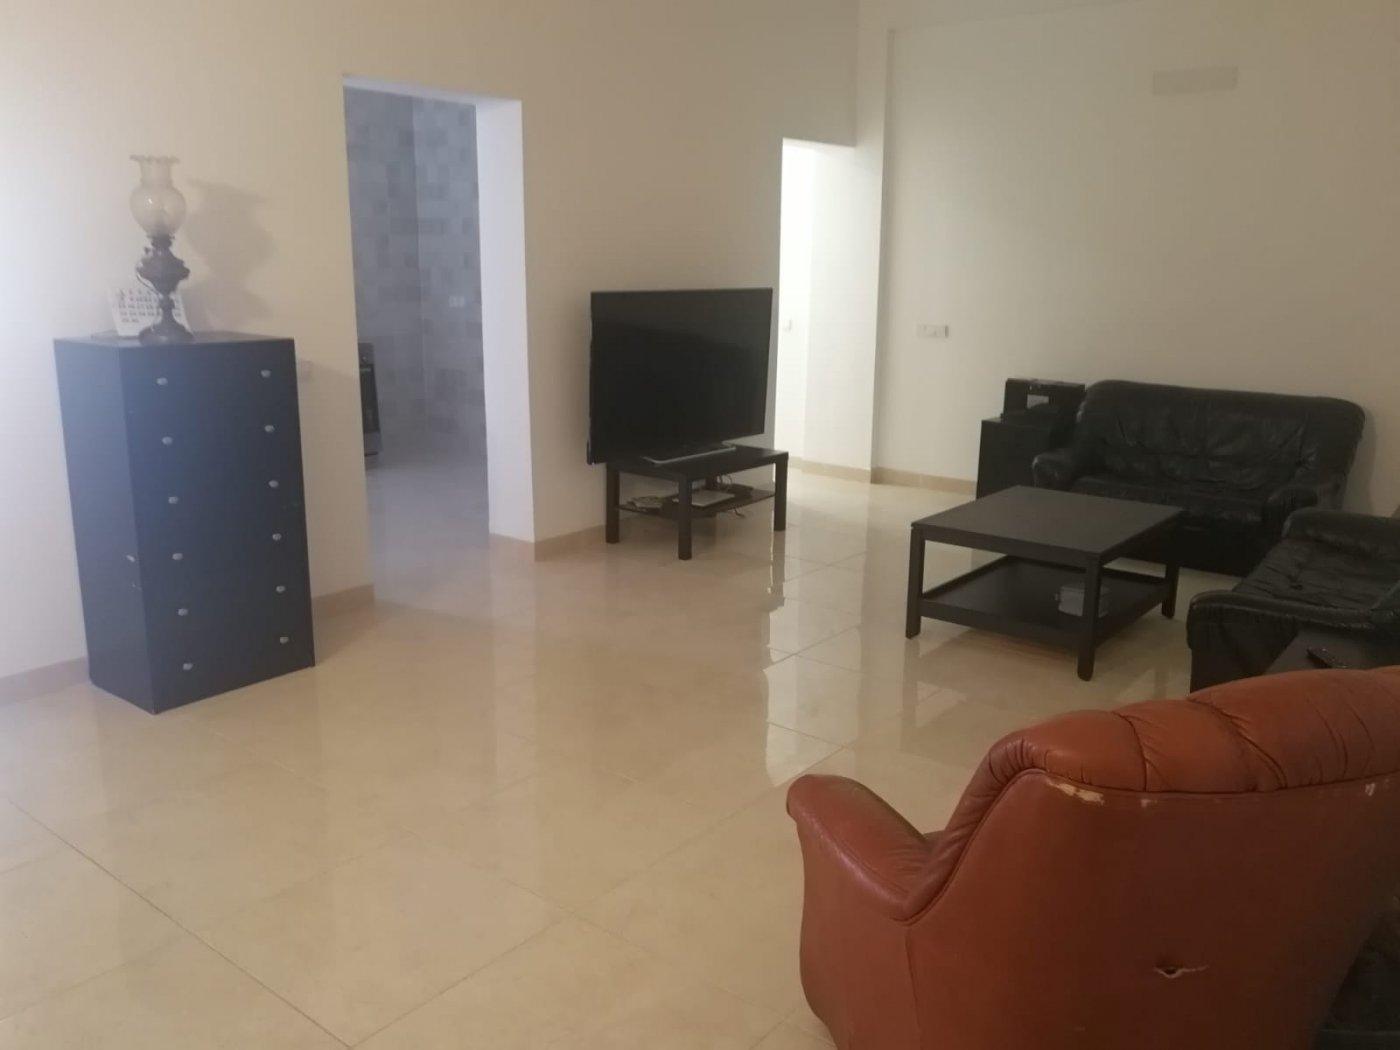 Ground Floor Apartment for sale in Plaza de Toros, Palma de Mallorca